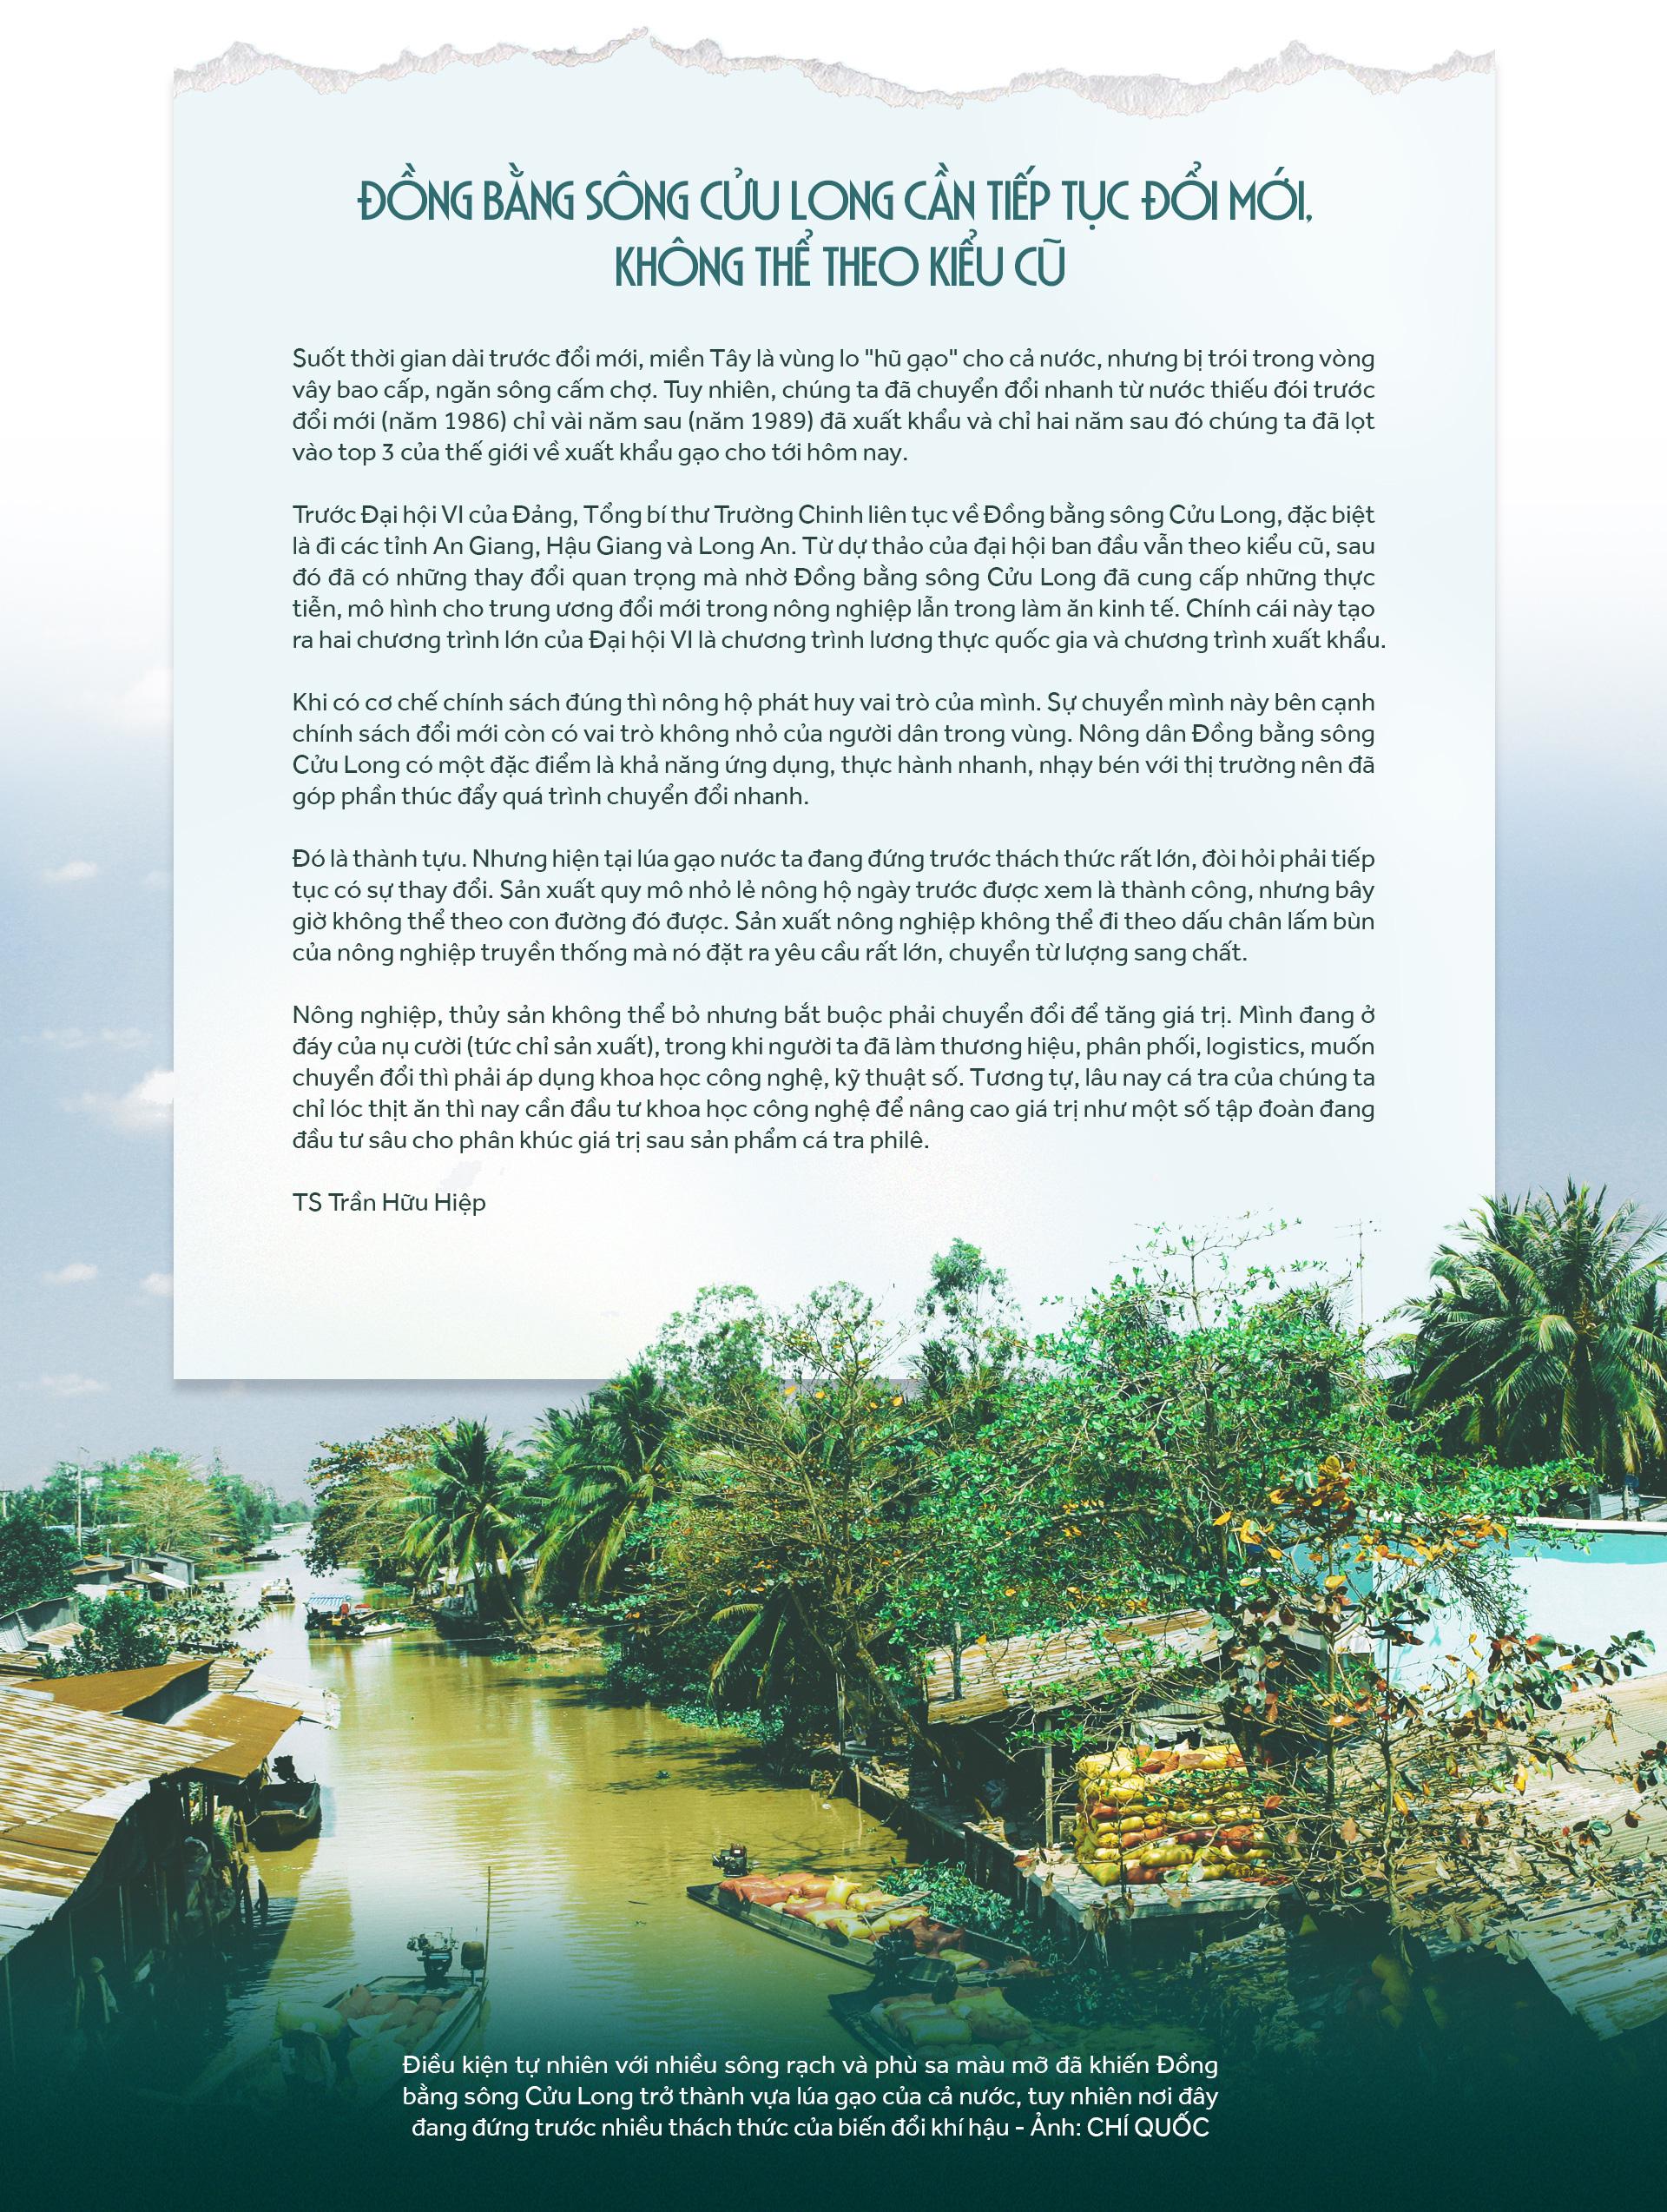 Đồng bằng sông Cửu Long: 35 năm thay da đổi thịt - Ảnh 58.